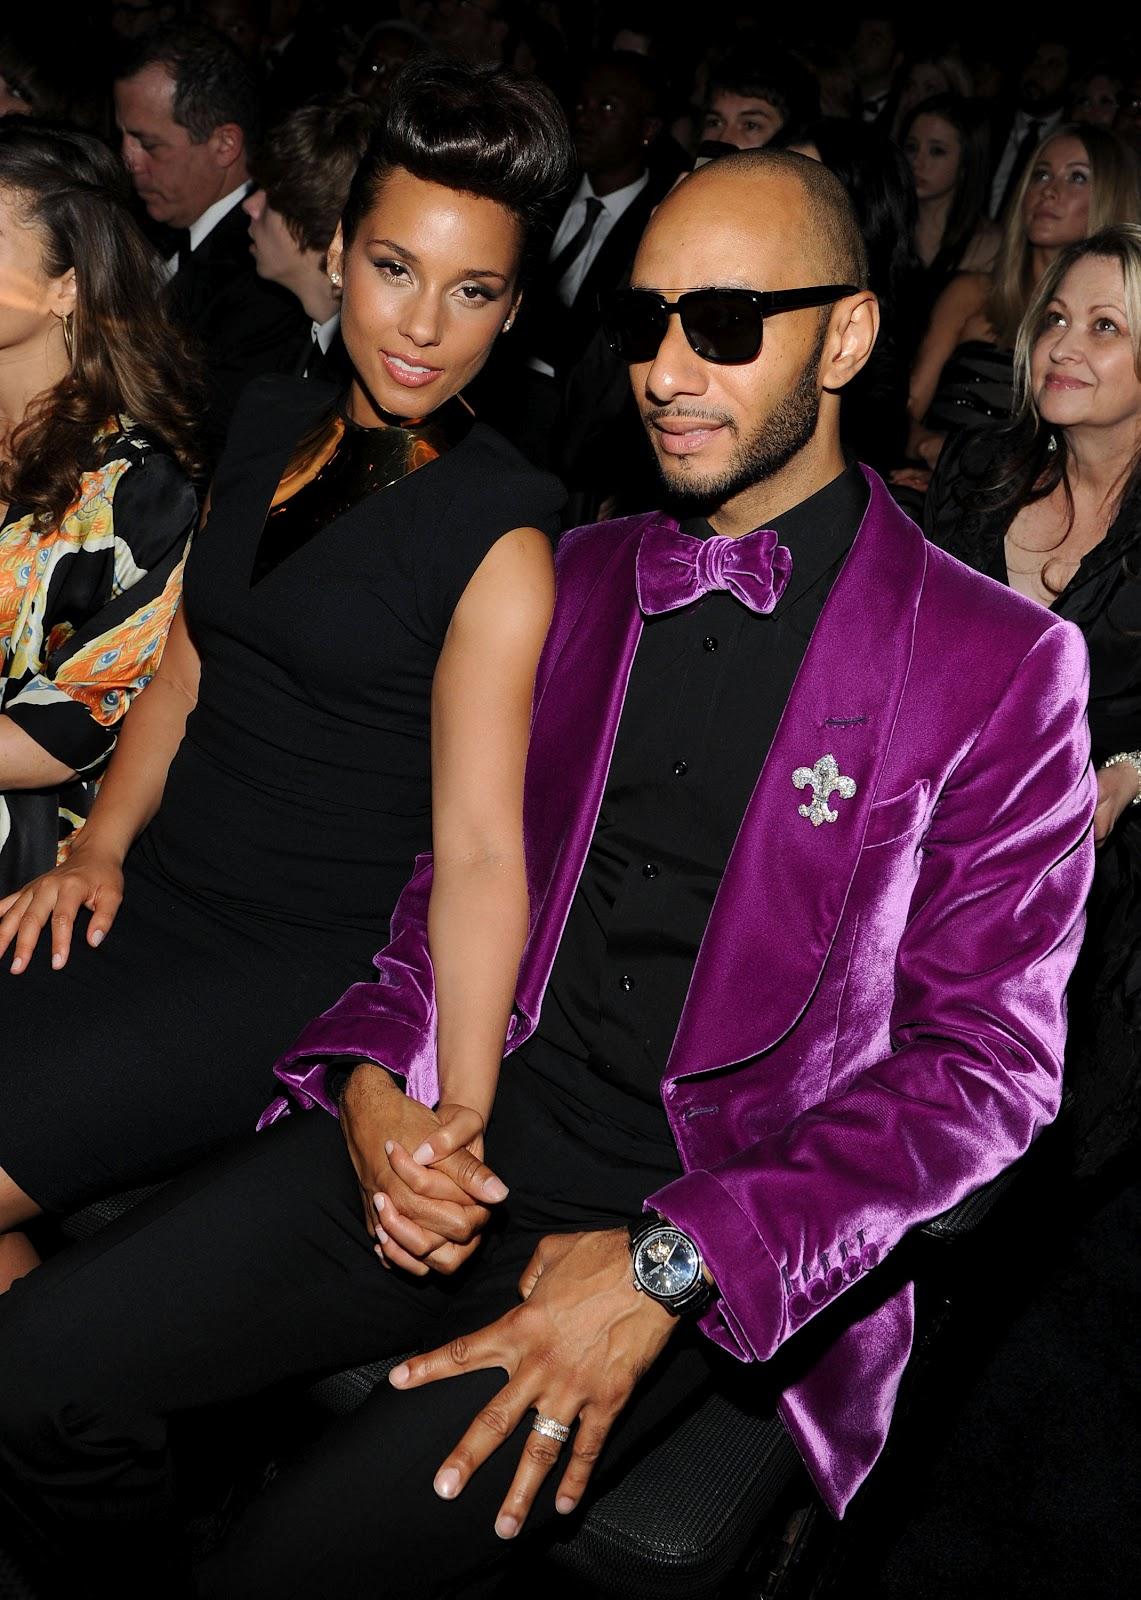 http://1.bp.blogspot.com/-XhlQhoo9yRA/T7sBasyq7PI/AAAAAAAAJhI/Yy5UR0rGHUo/s1600/Alicia+Keys+with+Husband-7.jpg